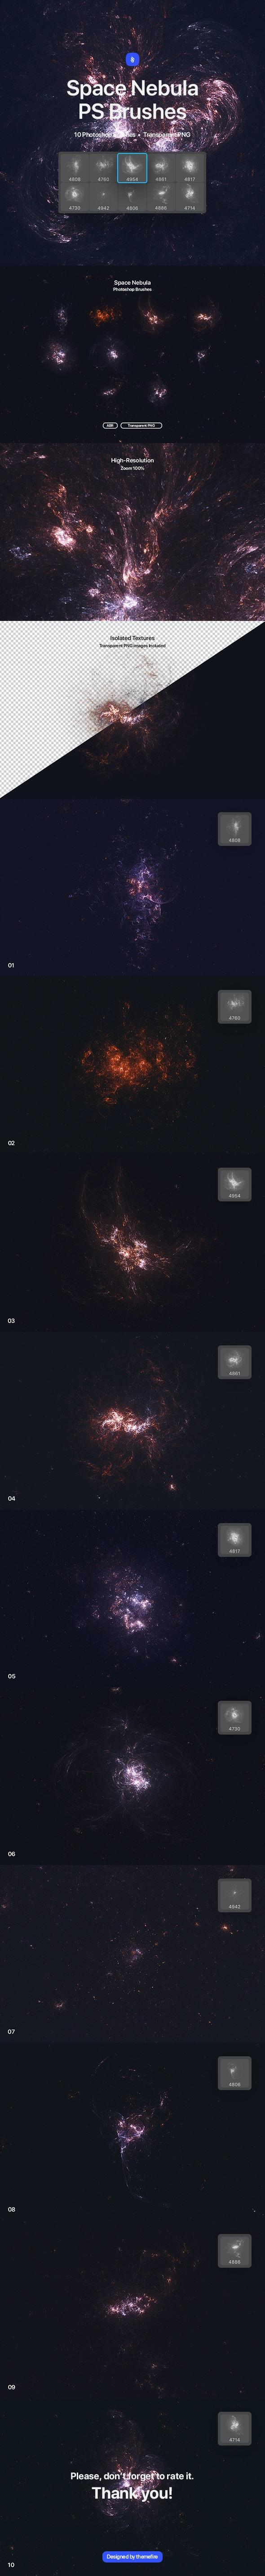 Space Nebula Photoshop Brushes - Techno / Futuristic Brushes